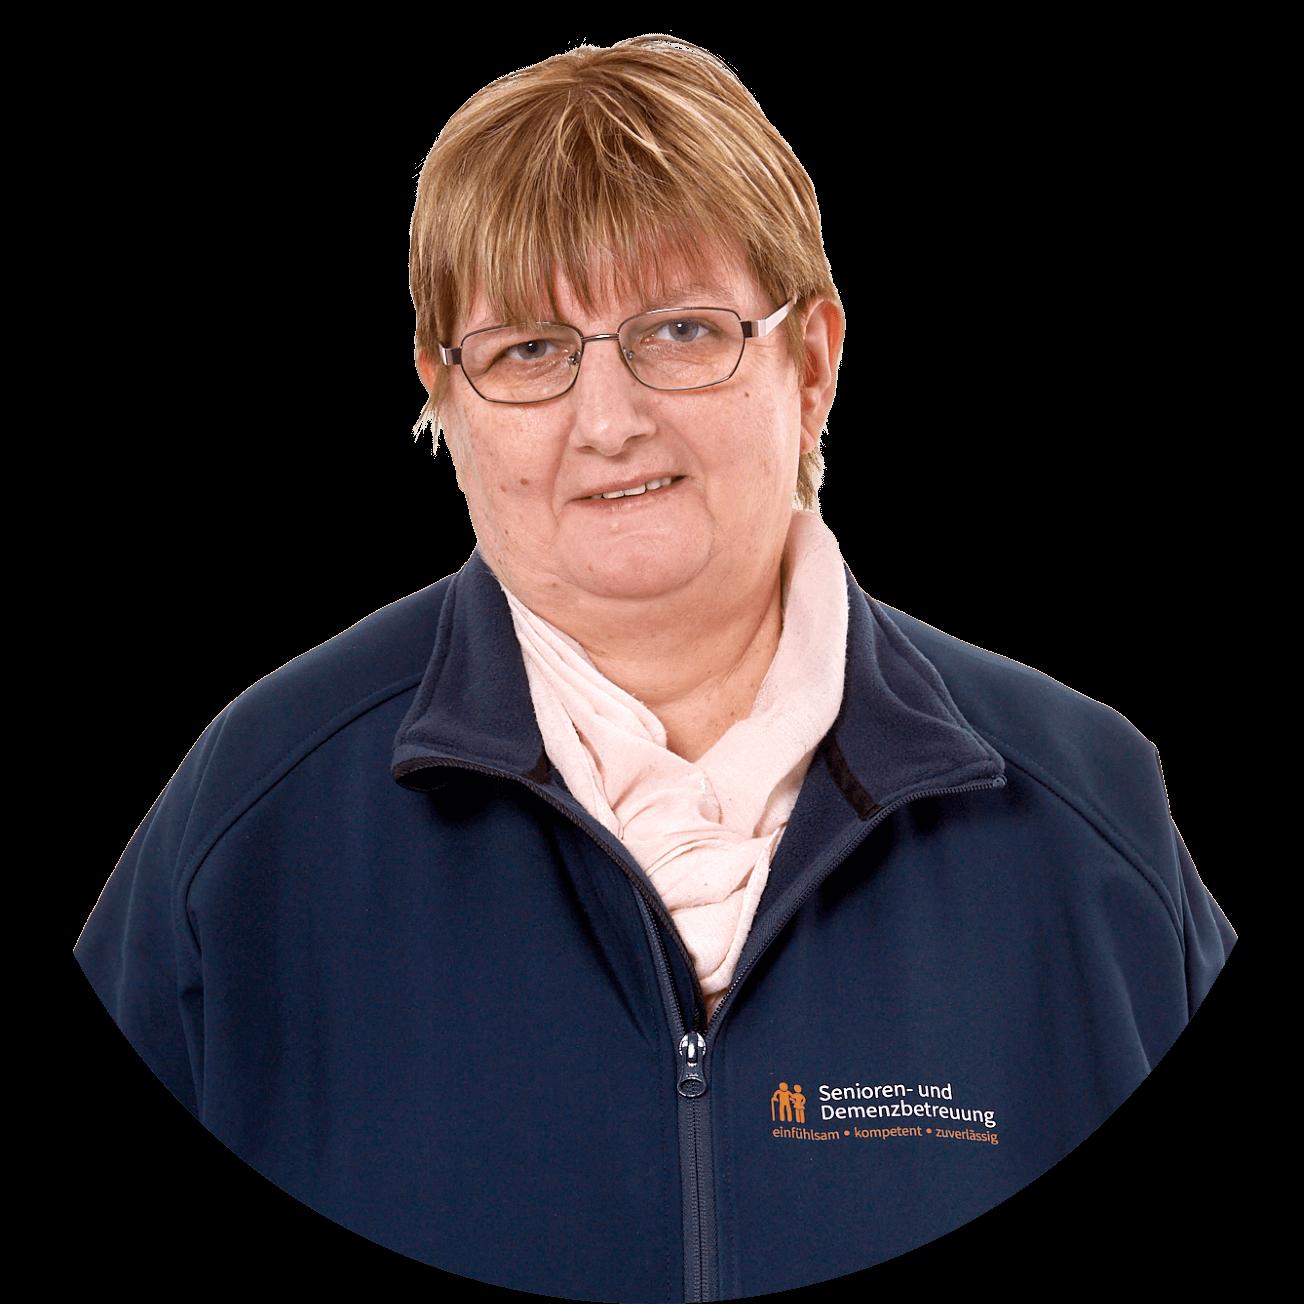 Angelika Senioren & Demenzbetreuung